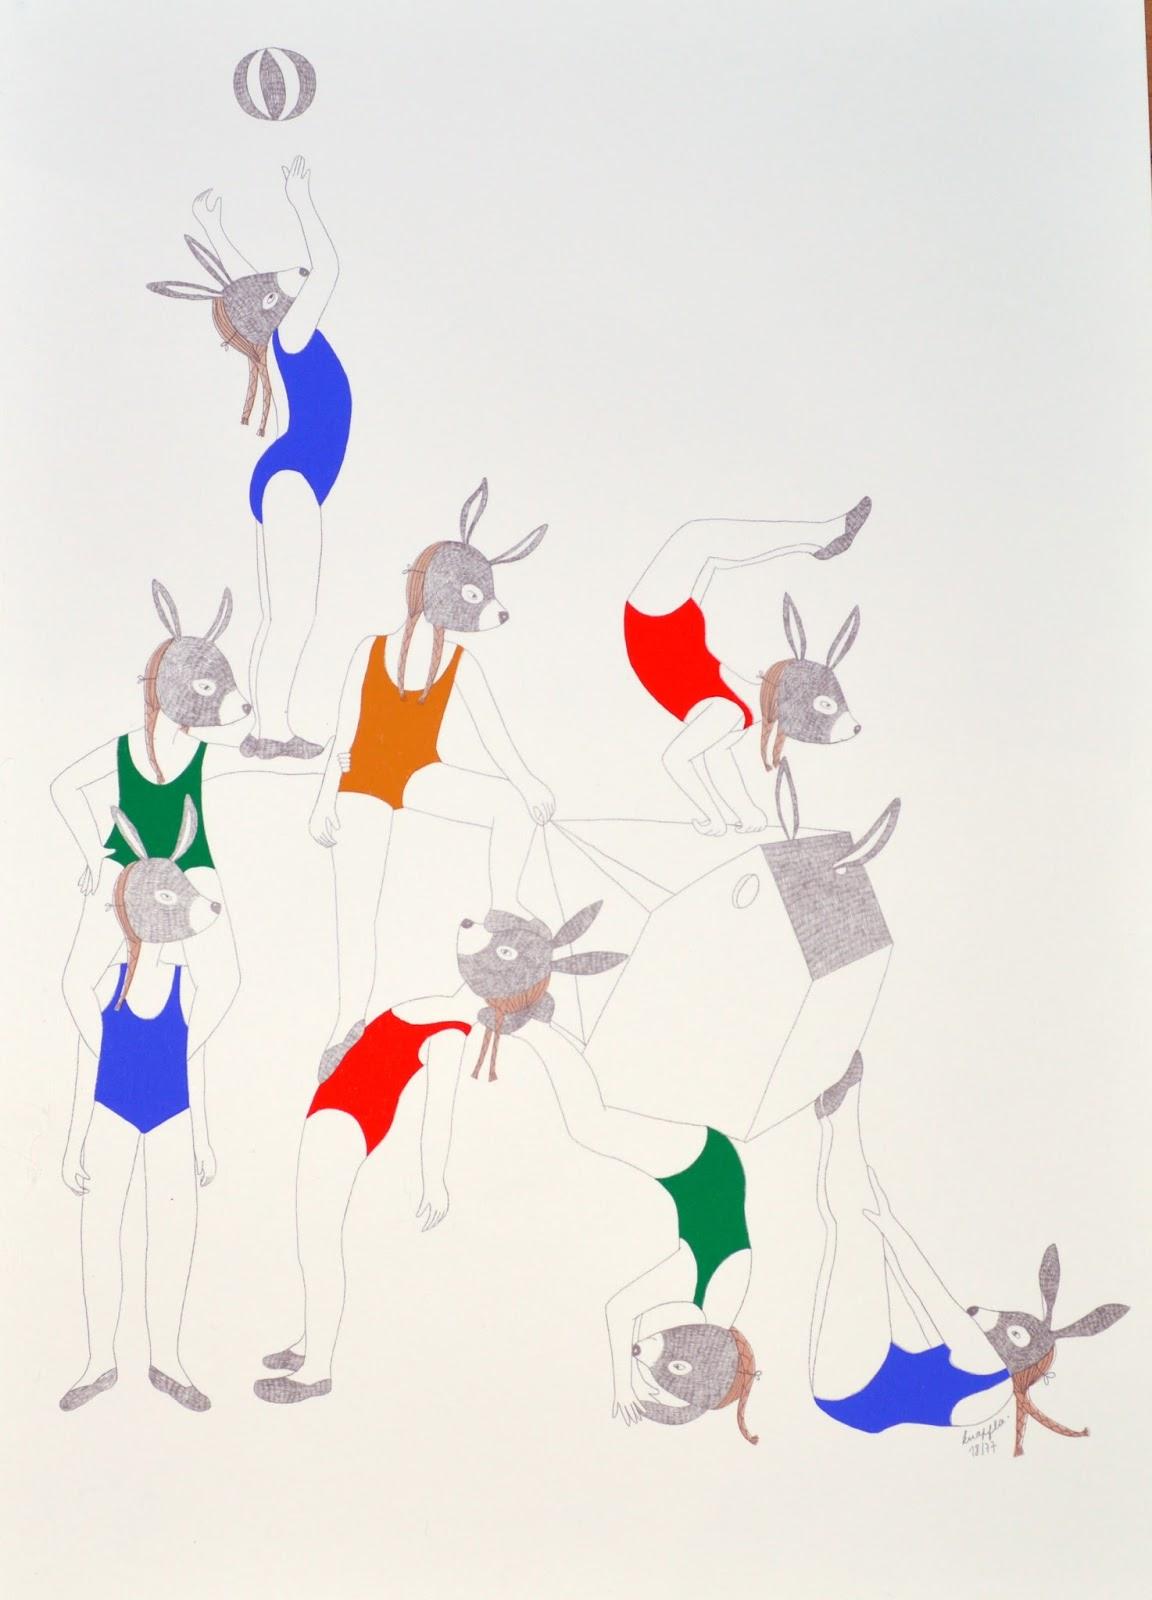 Connu Gabulle in Wonderland: Art up 2014 : l'art contemporain s'invite à  ND84